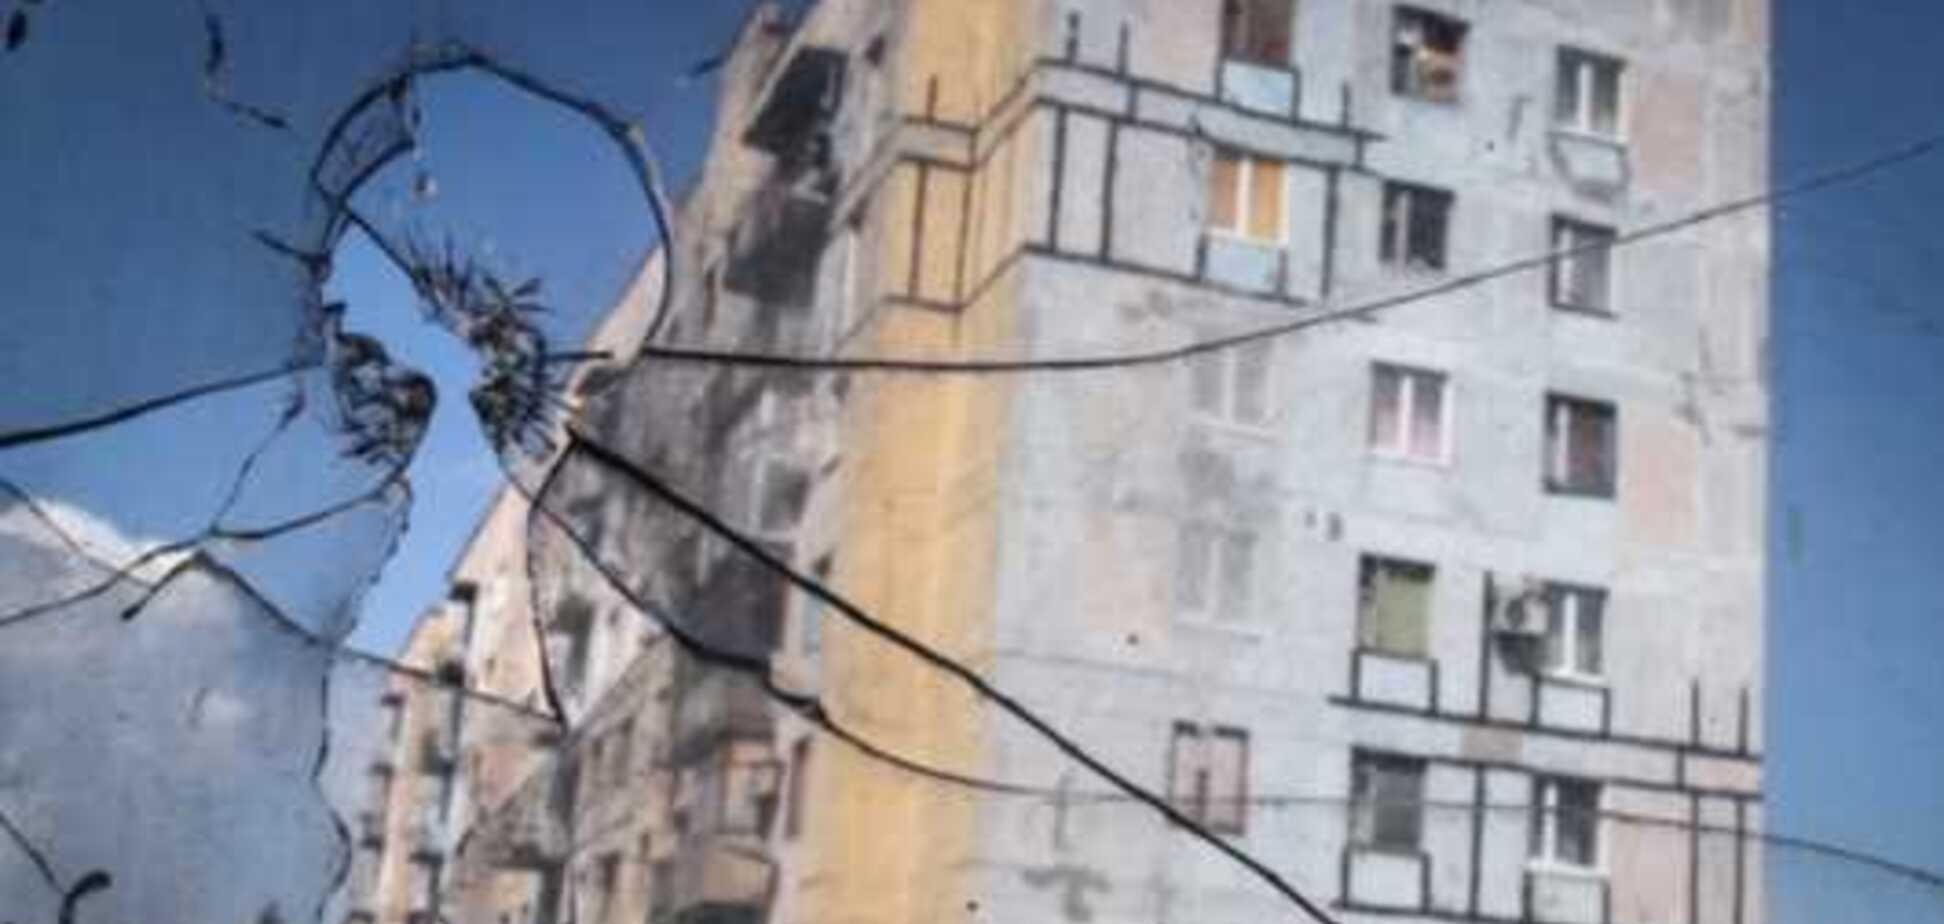 Проект Кремля 'Троянский конь Луганд*нии' потерпел поражение